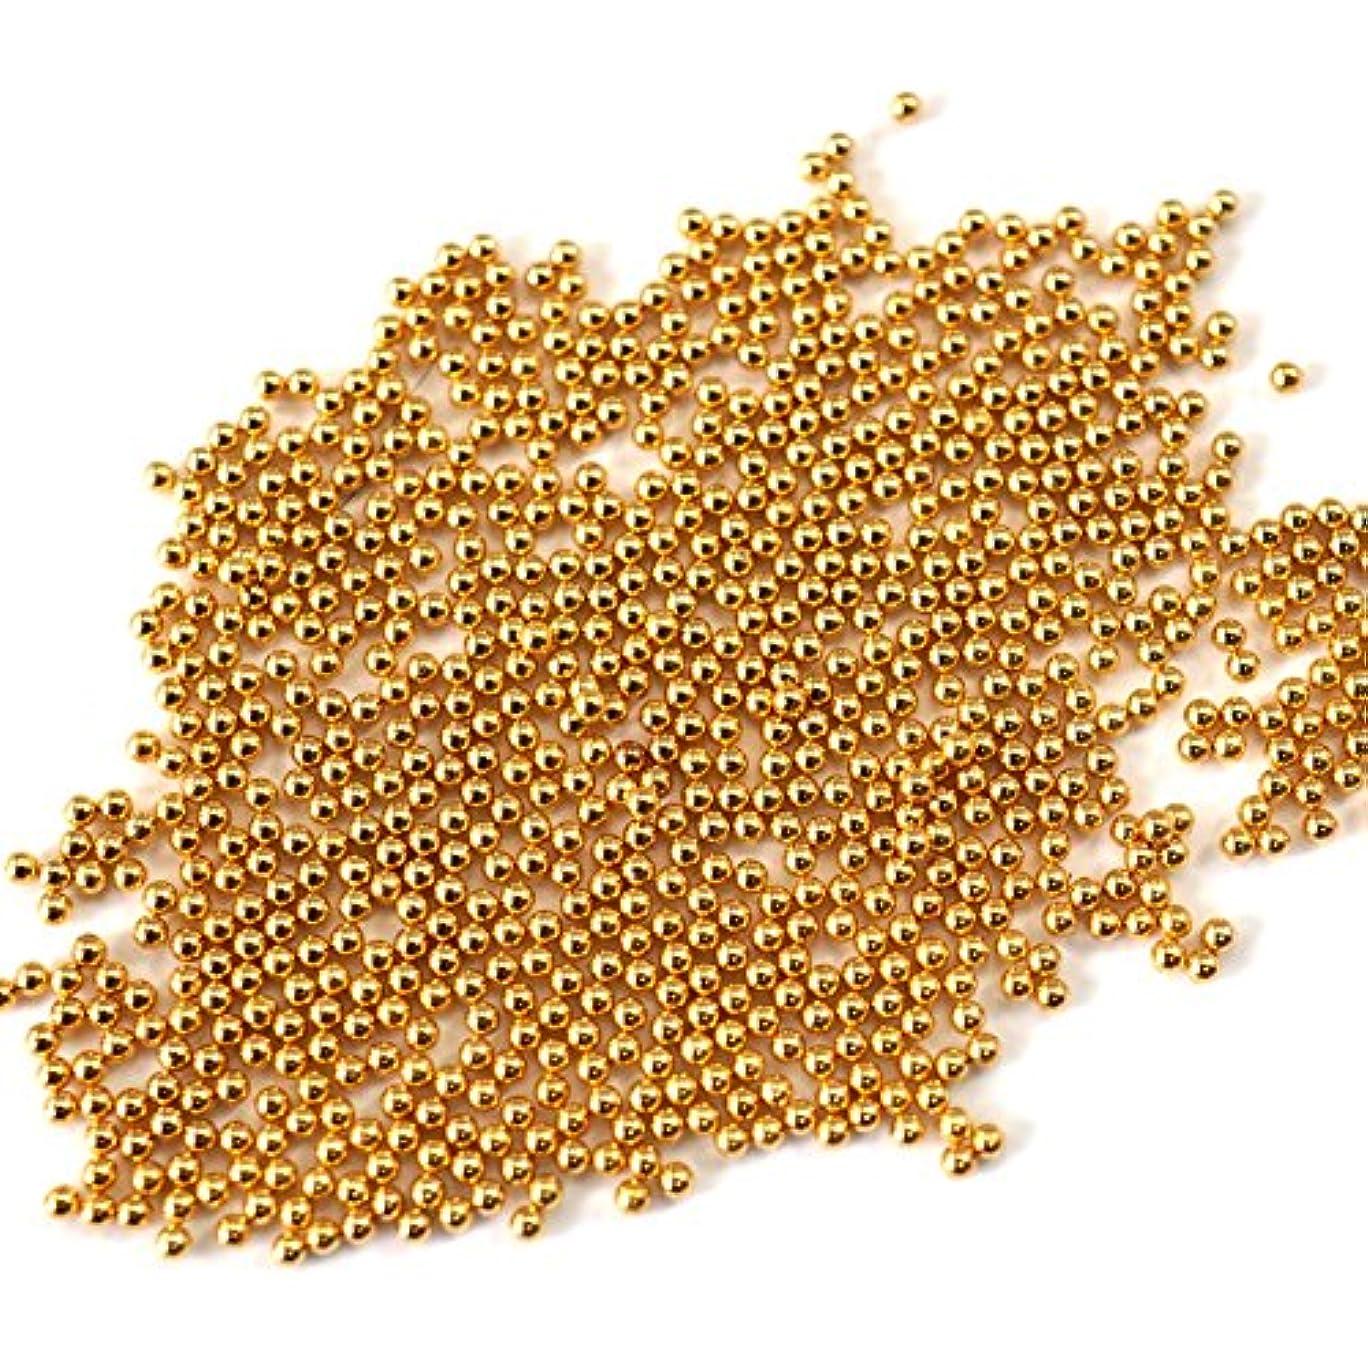 ウルルあなたは核高品質メタルブリオン 1mm 4g(約1000個)ゴールド